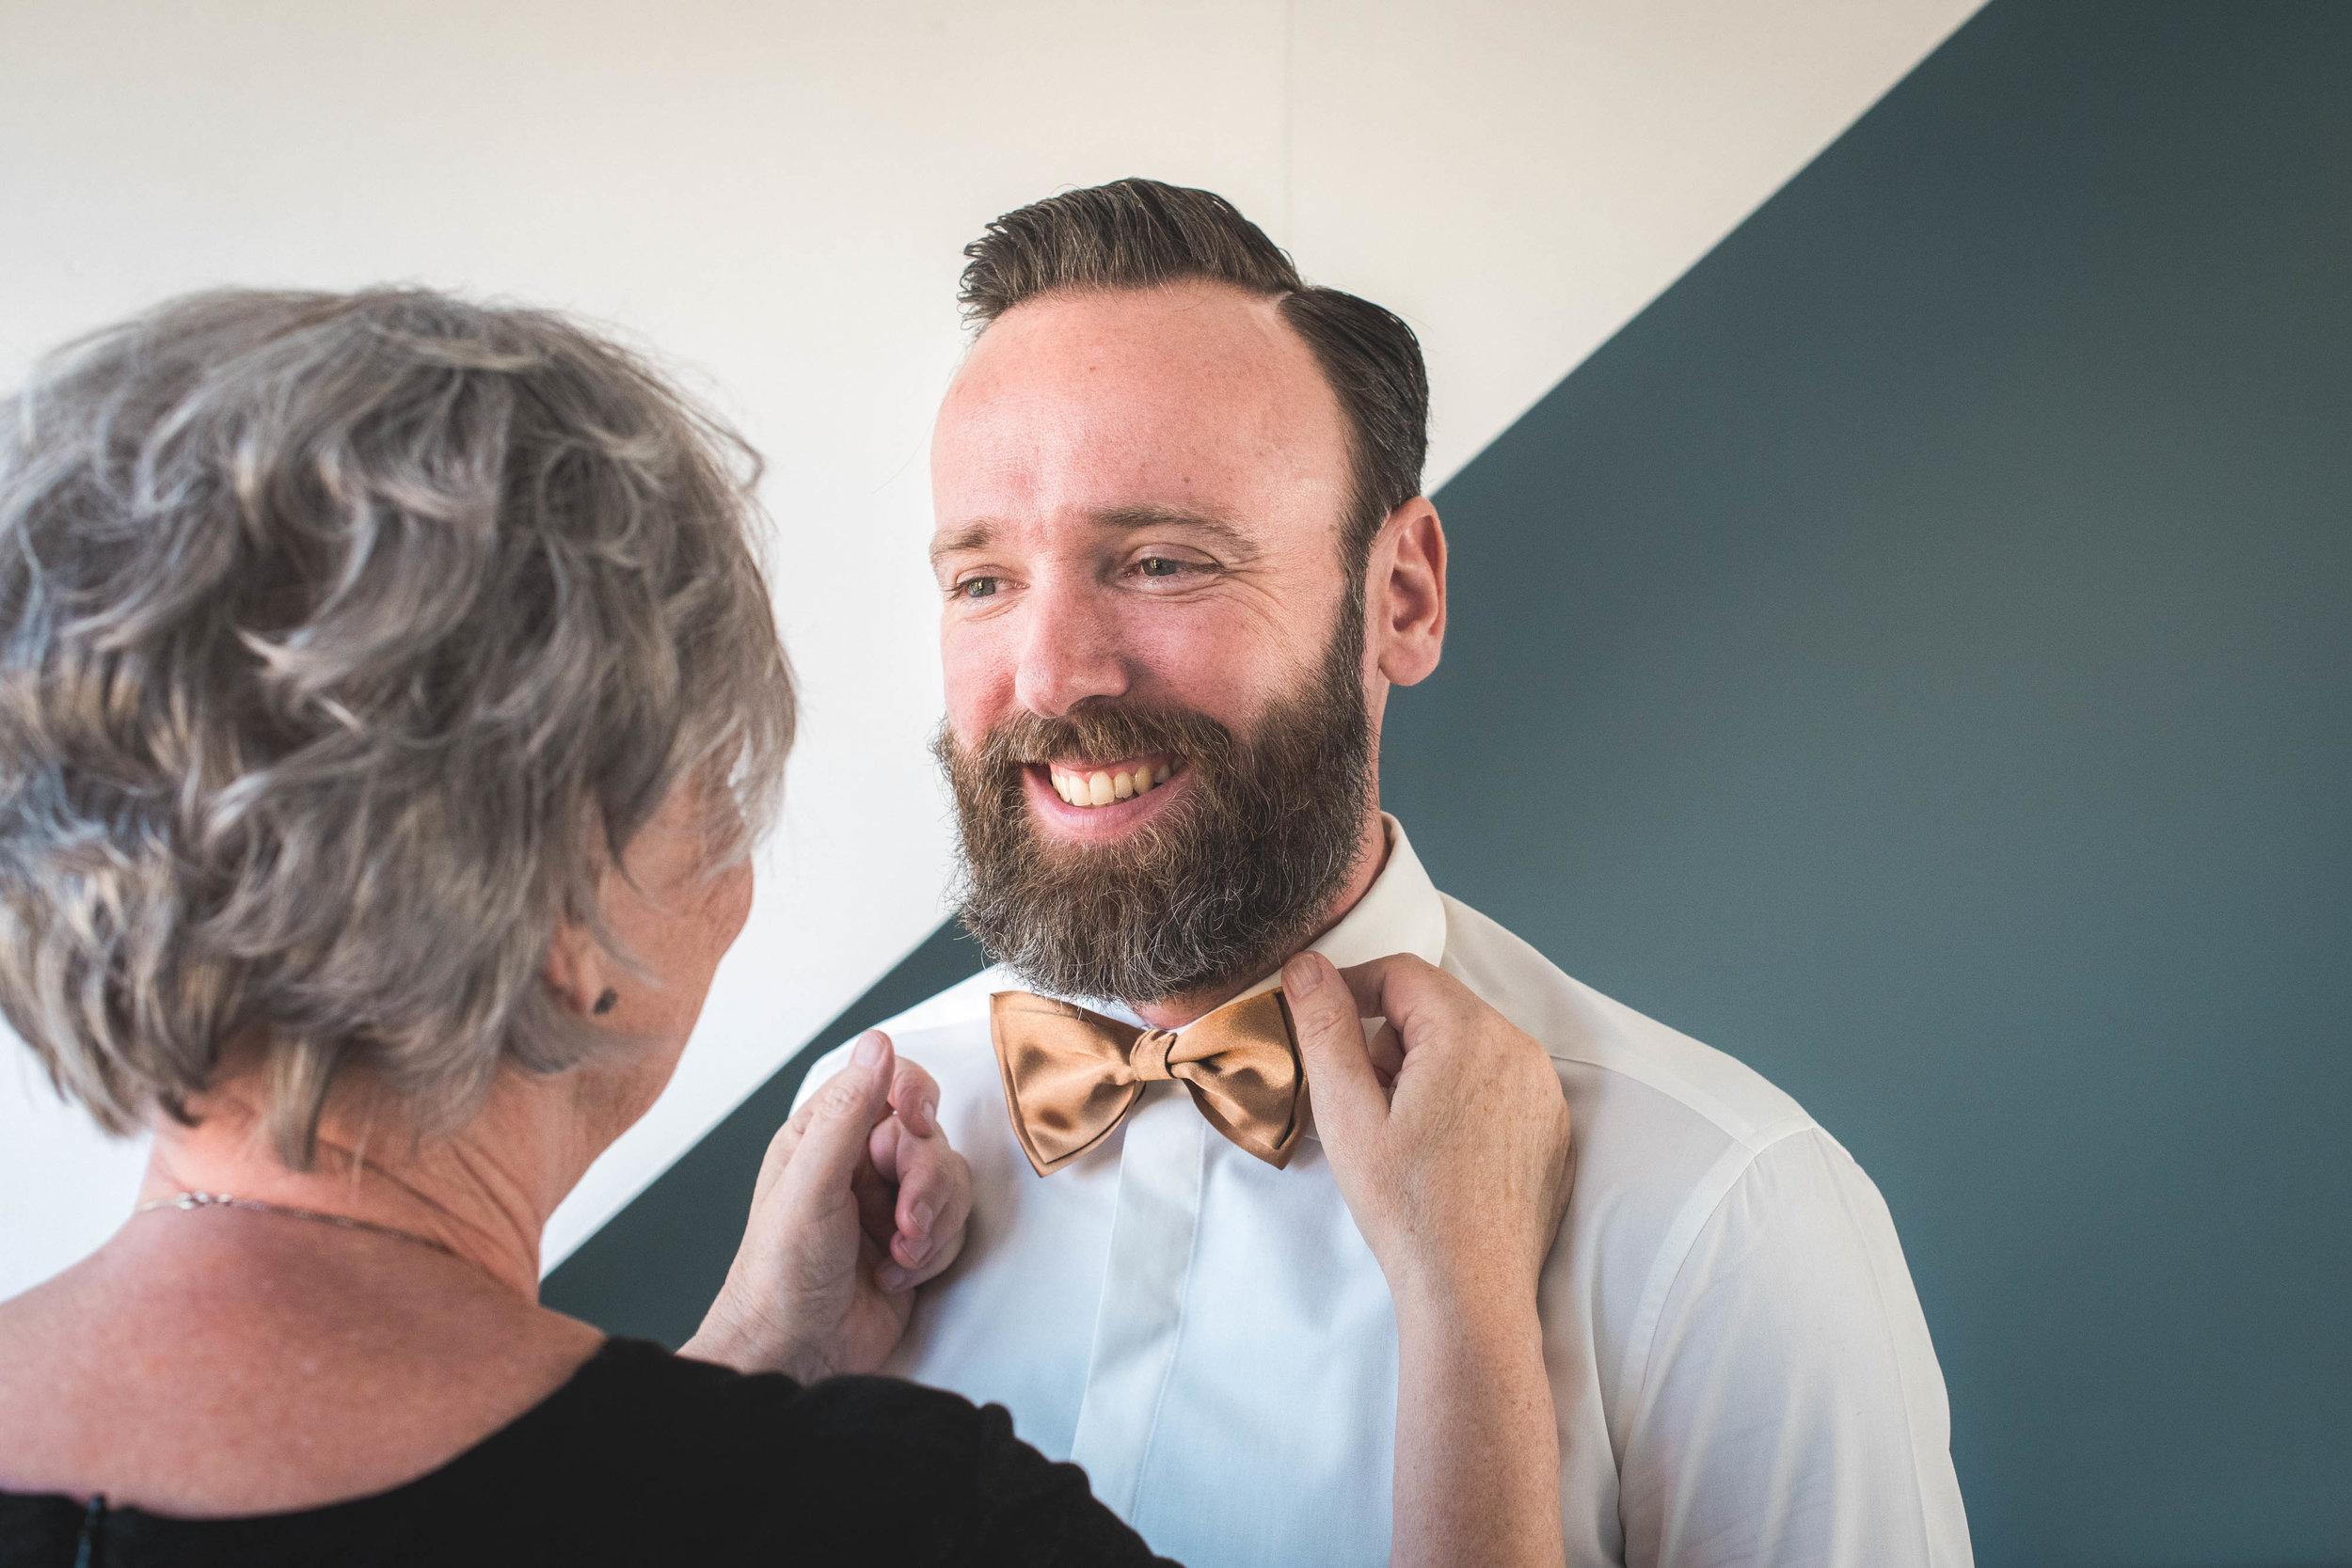 De moeder van de bruidegom doet het strikje van haar zoon goed. Op de ochtend van de bruiloft deden we een shoot op locatie tijdens het klaarmaken voor de grote dag.